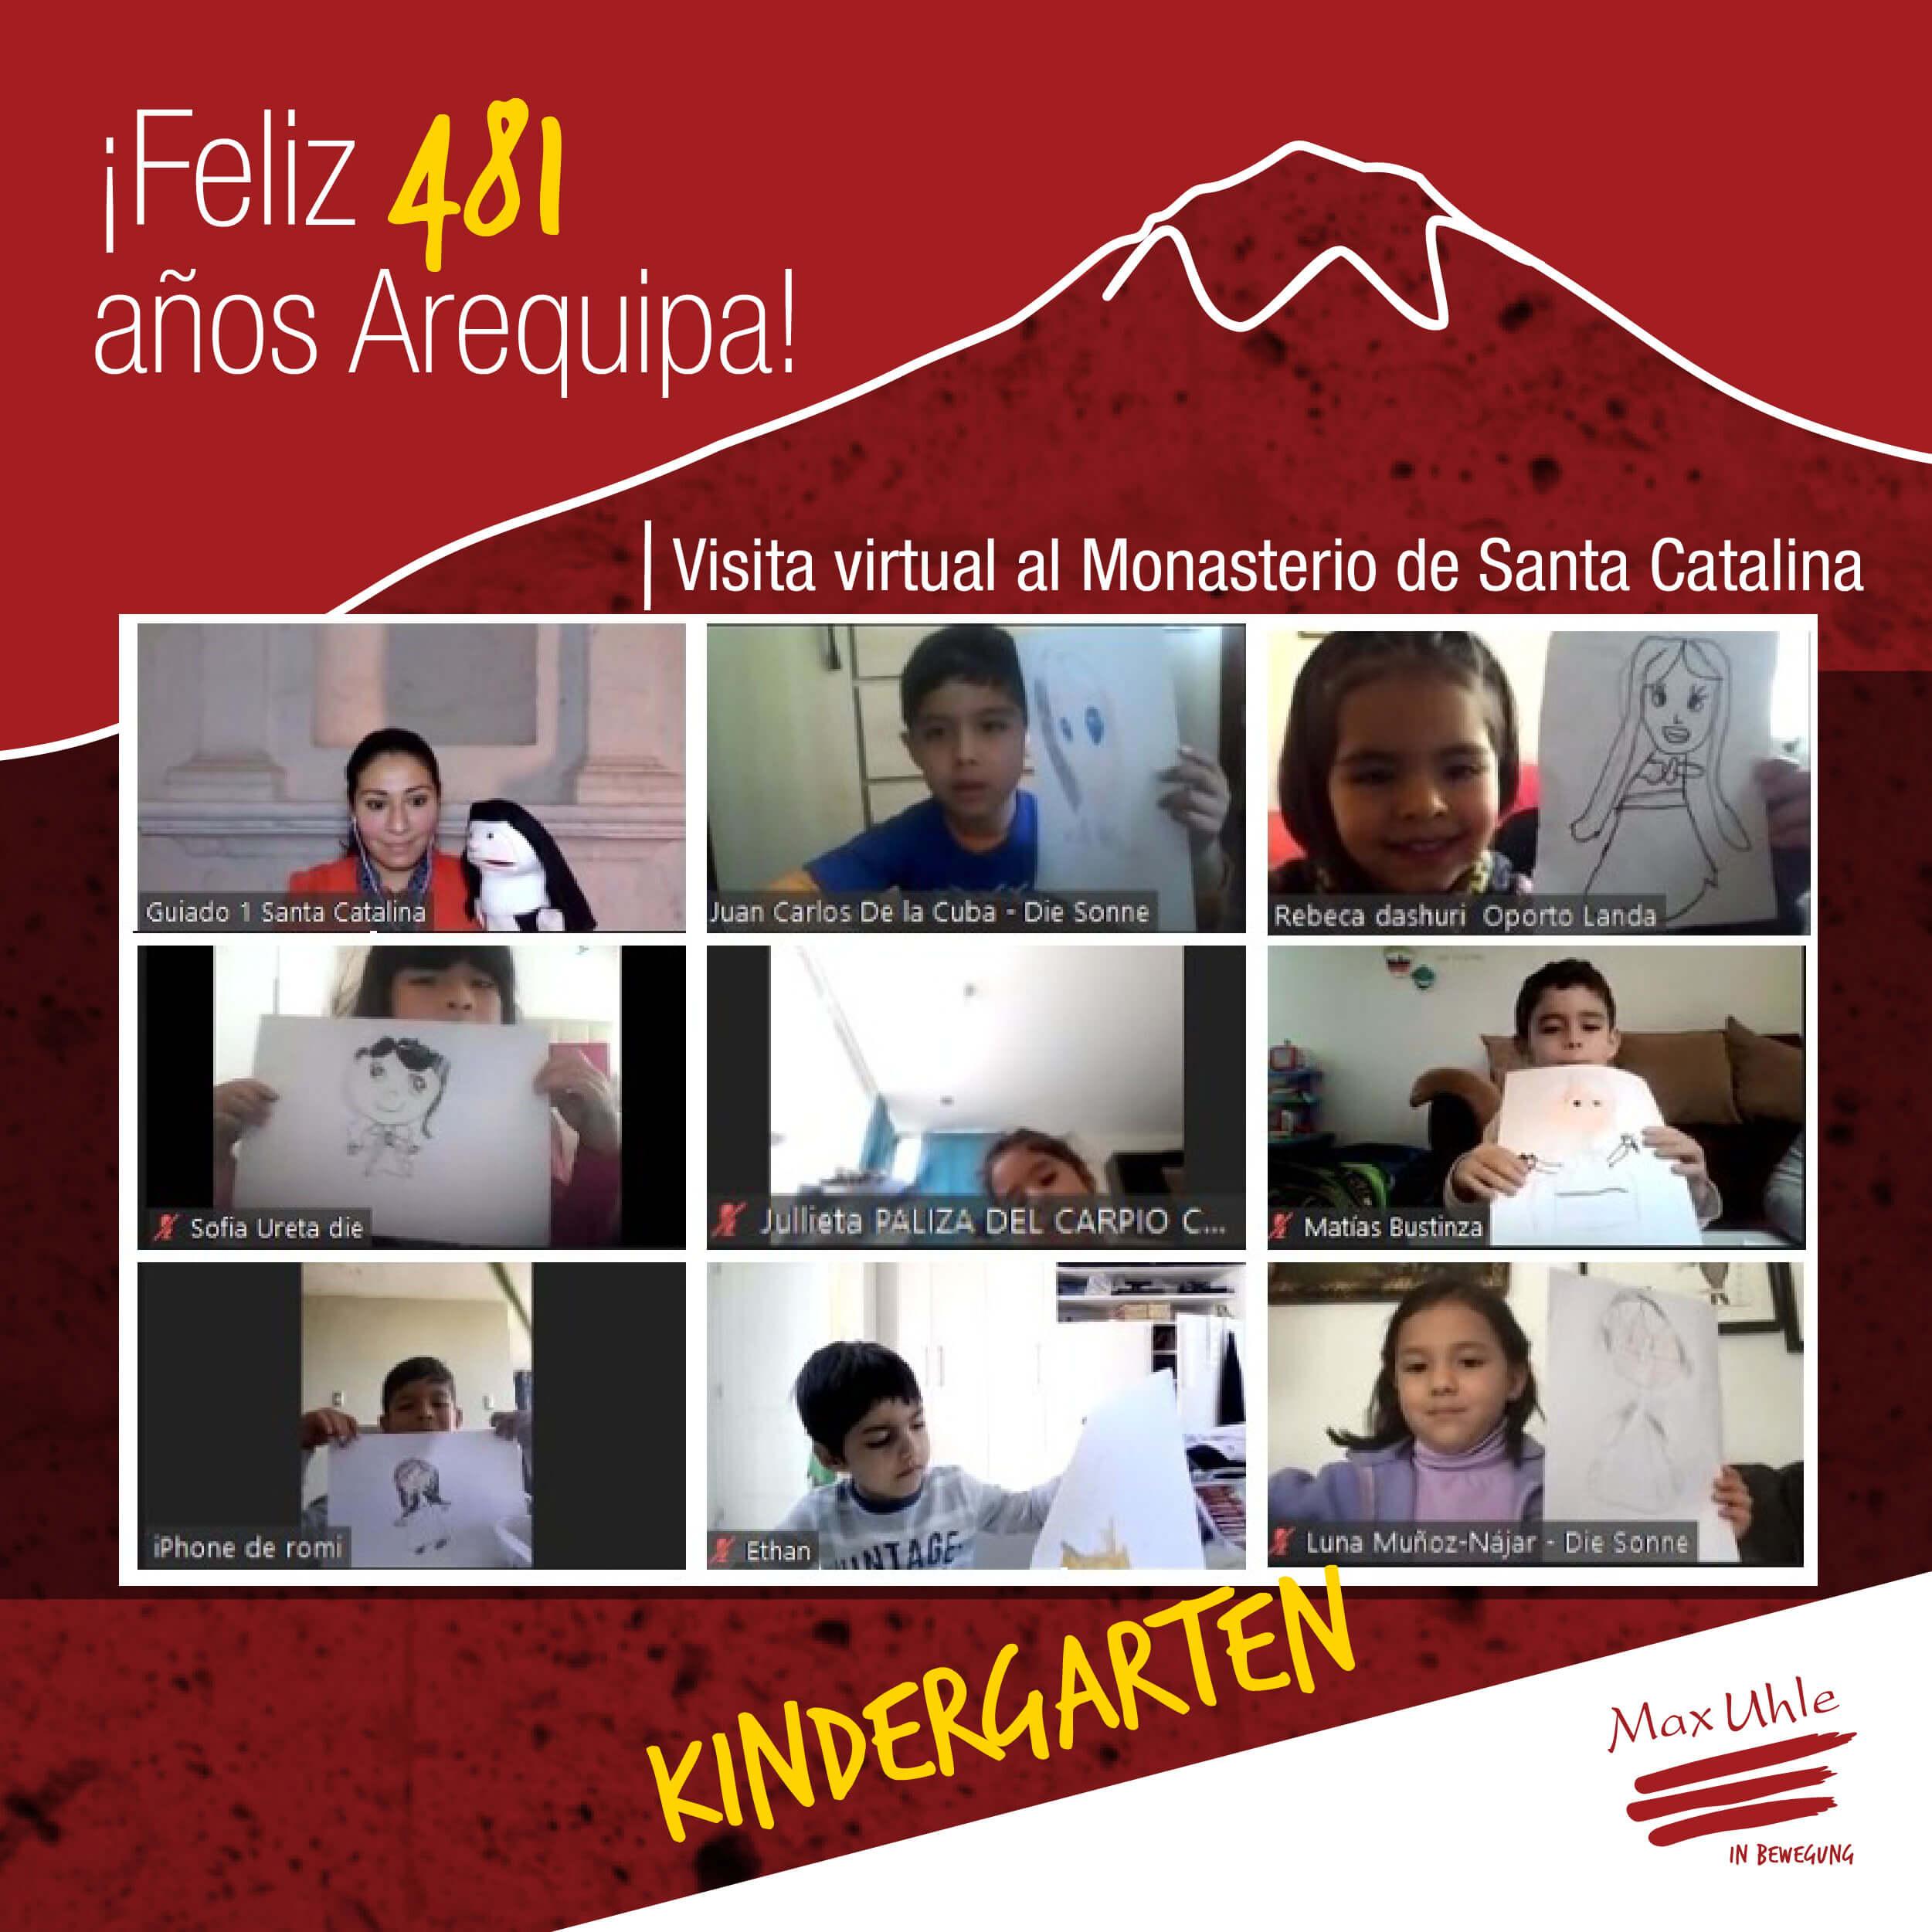 Post 5 Día de Arequipa